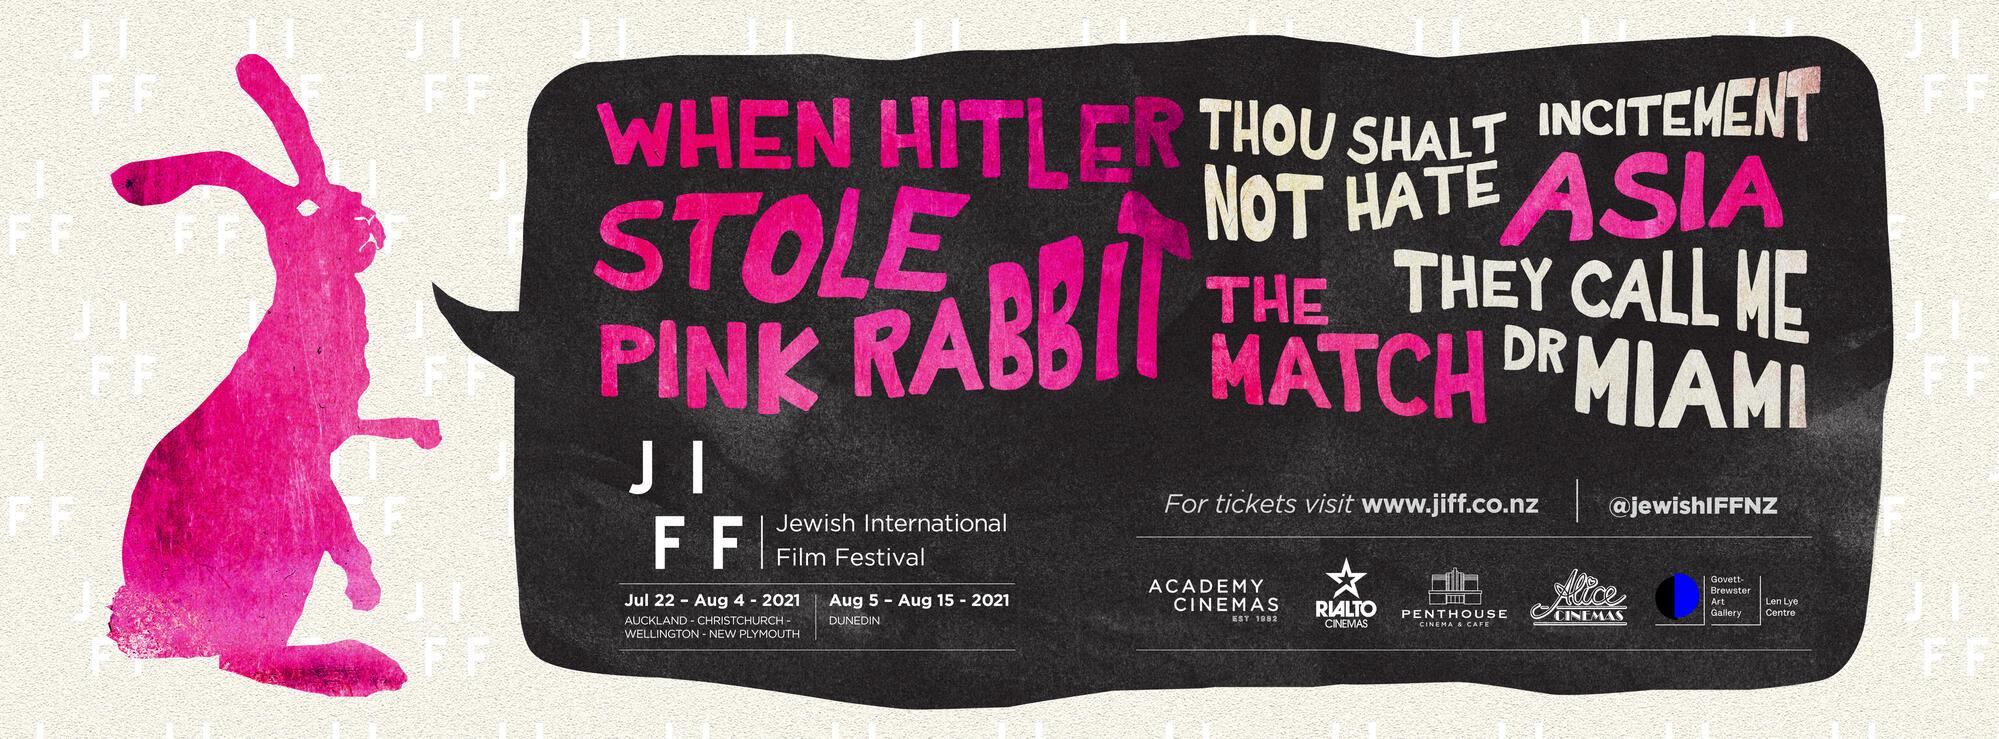 JIFF - NZ Jewish International Film Festival